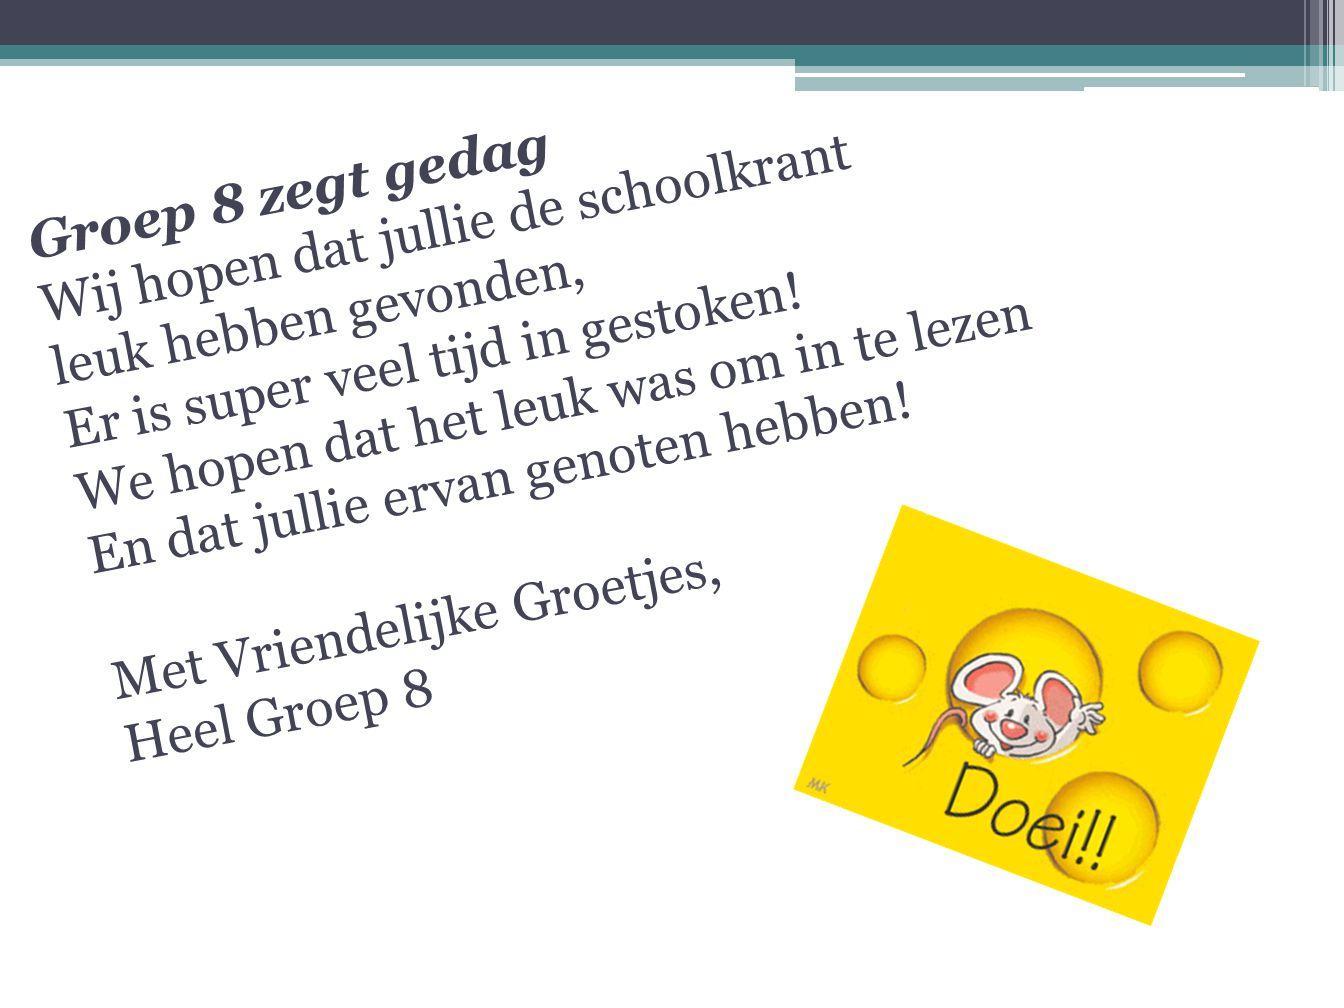 Groep 8 zegt gedag Wij hopen dat jullie de schoolkrant leuk hebben gevonden, Er is super veel tijd in gestoken.